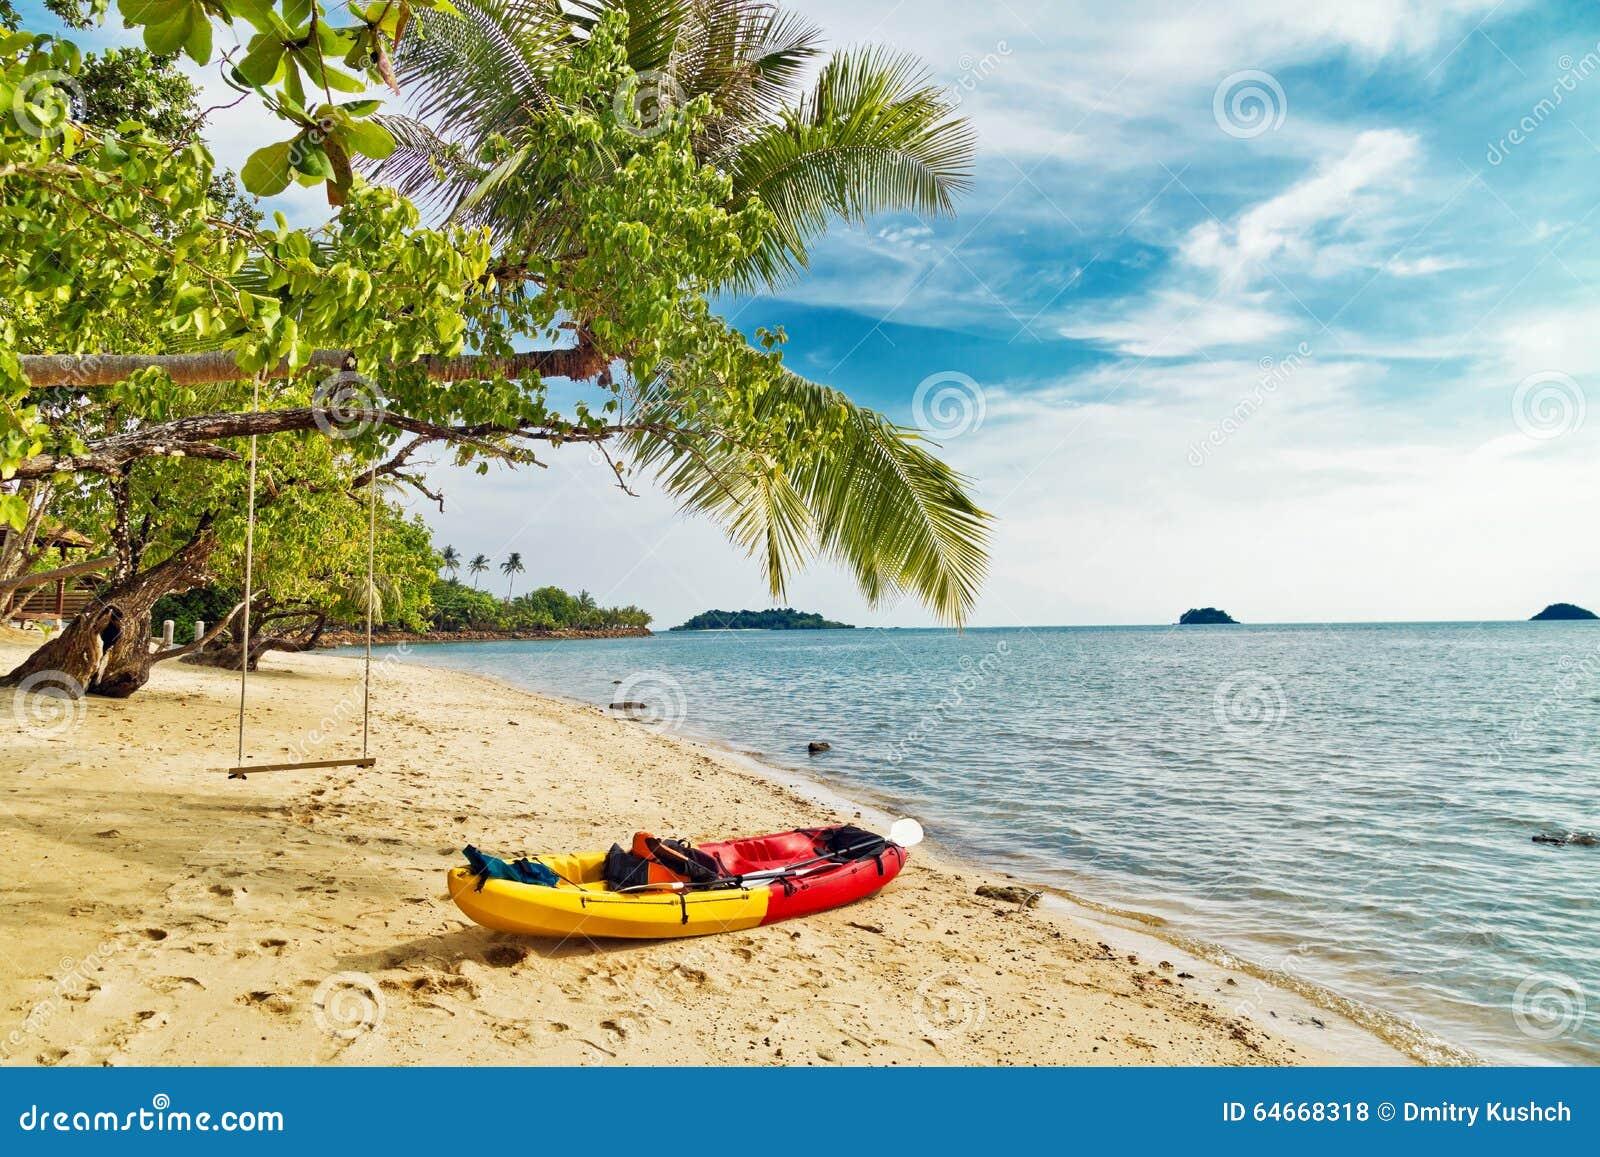 Kajak en la playa tropical